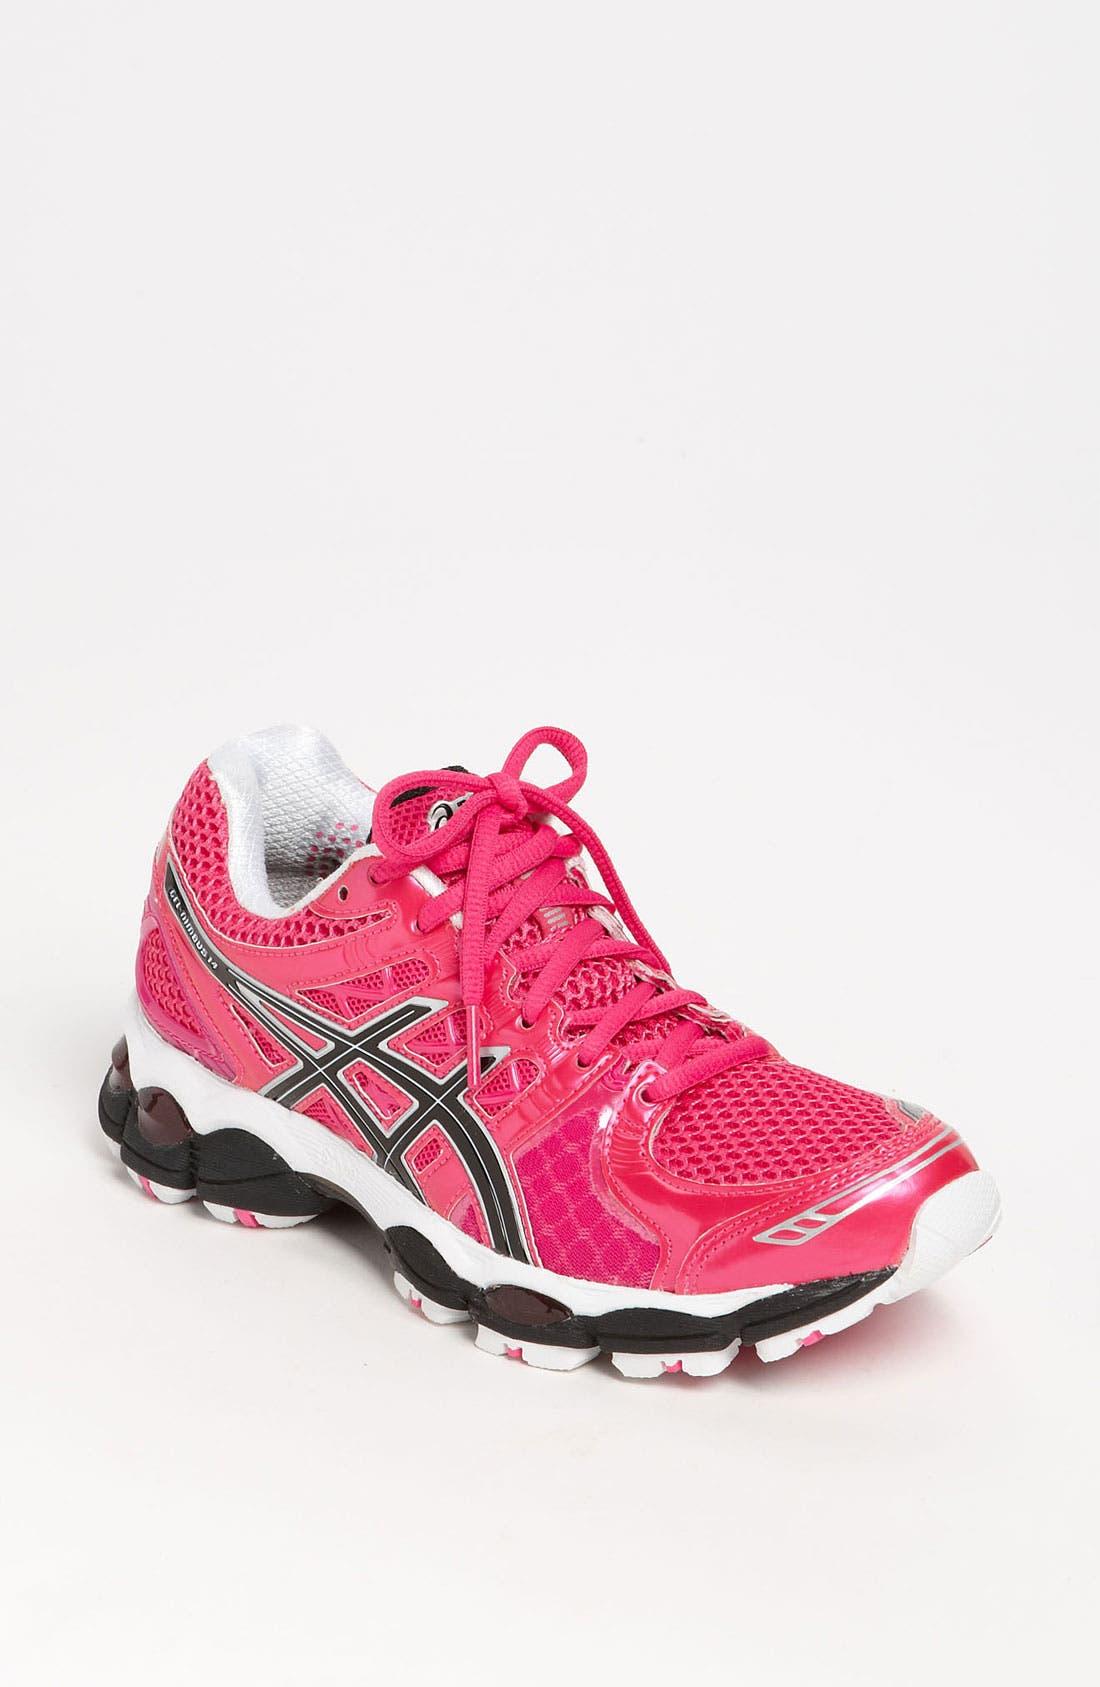 Alternate Image 1 Selected - ASICS® 'GEL-Nimbus 14' Running Shoe (Women)(Retail Price: $139.95)